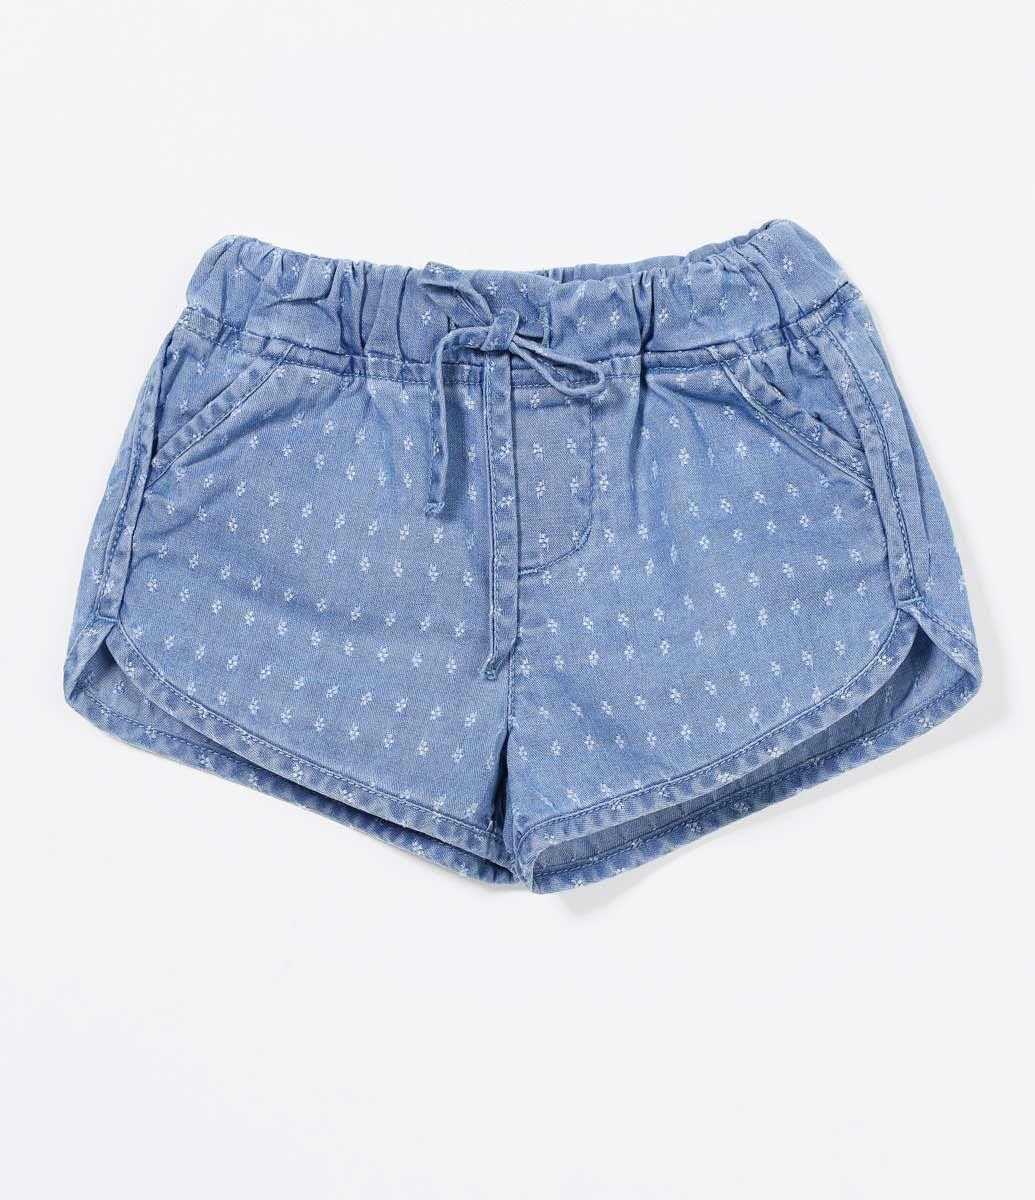 c80a78b45969 Short Infantil Estampado Com amarração na cintura Marca: Teddy Boom Tecido:  jeans Veja outras opções de shorts e bermudas infantis.